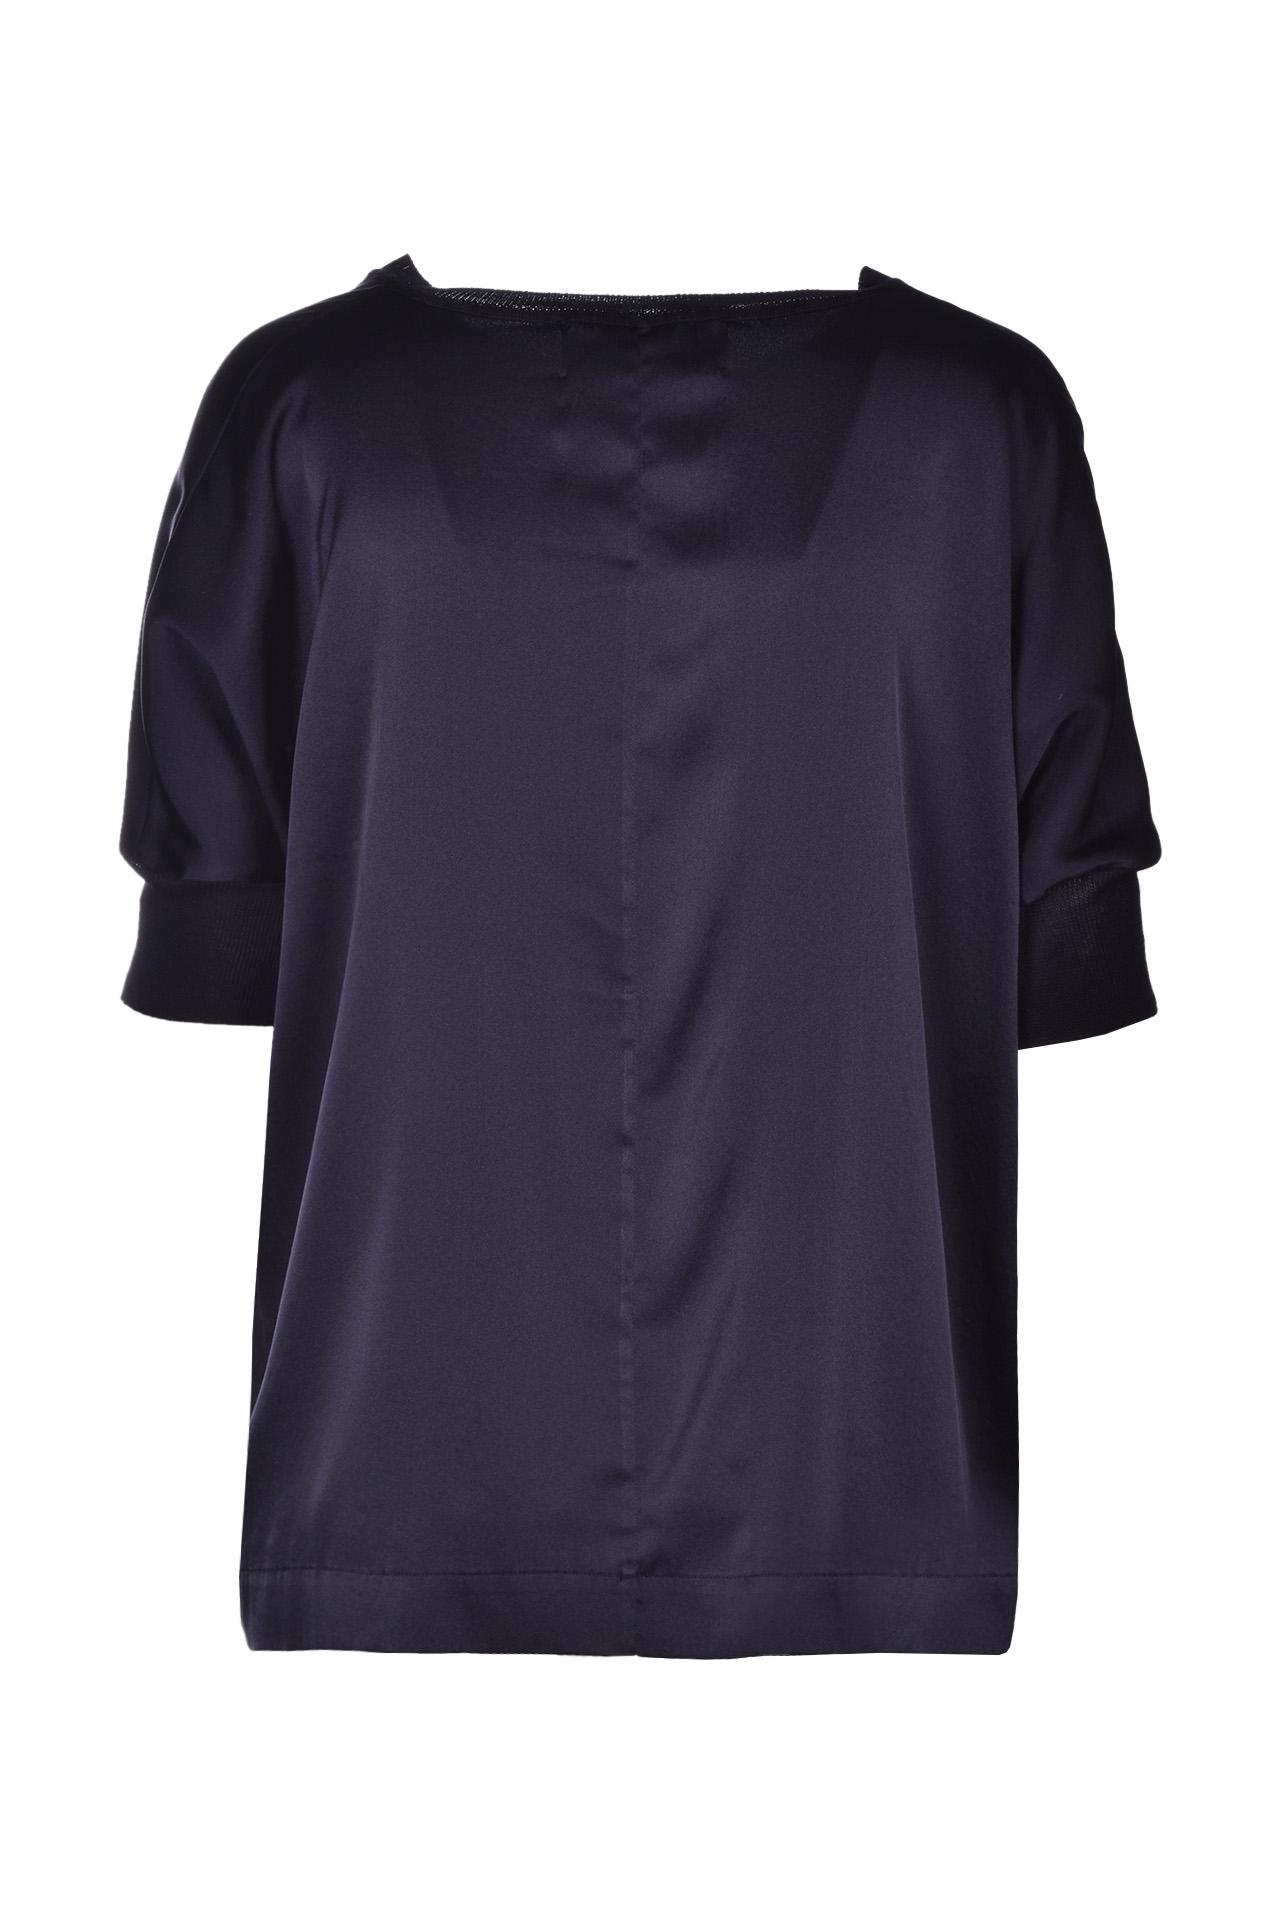 Blusa ampia in raso lucido - nero JUCCA | Bluse | J3112118/L003